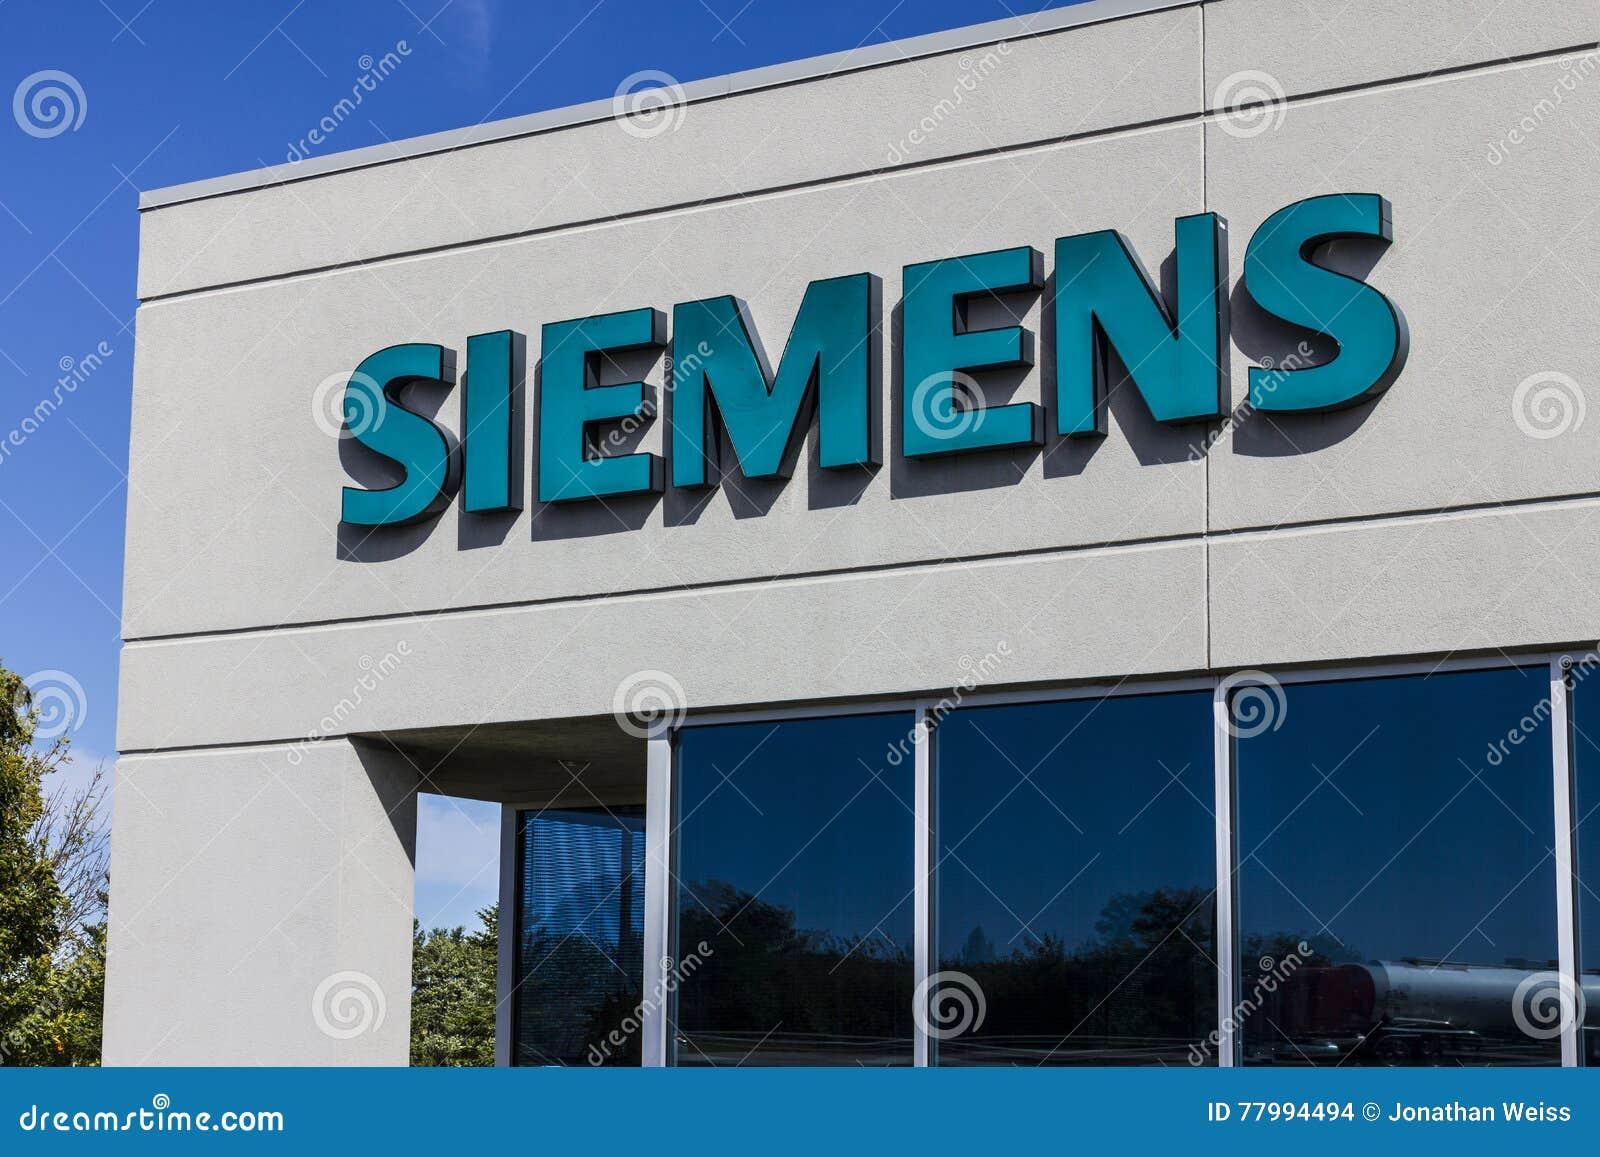 Το Σεπτέμβριο του 2016 της Ινδιανάπολης - Circa: Τεχνολογίες κτηρίου Siemens Siemens απασχολεί περίπου 362.000 άτομα παγκοσμίως Ι